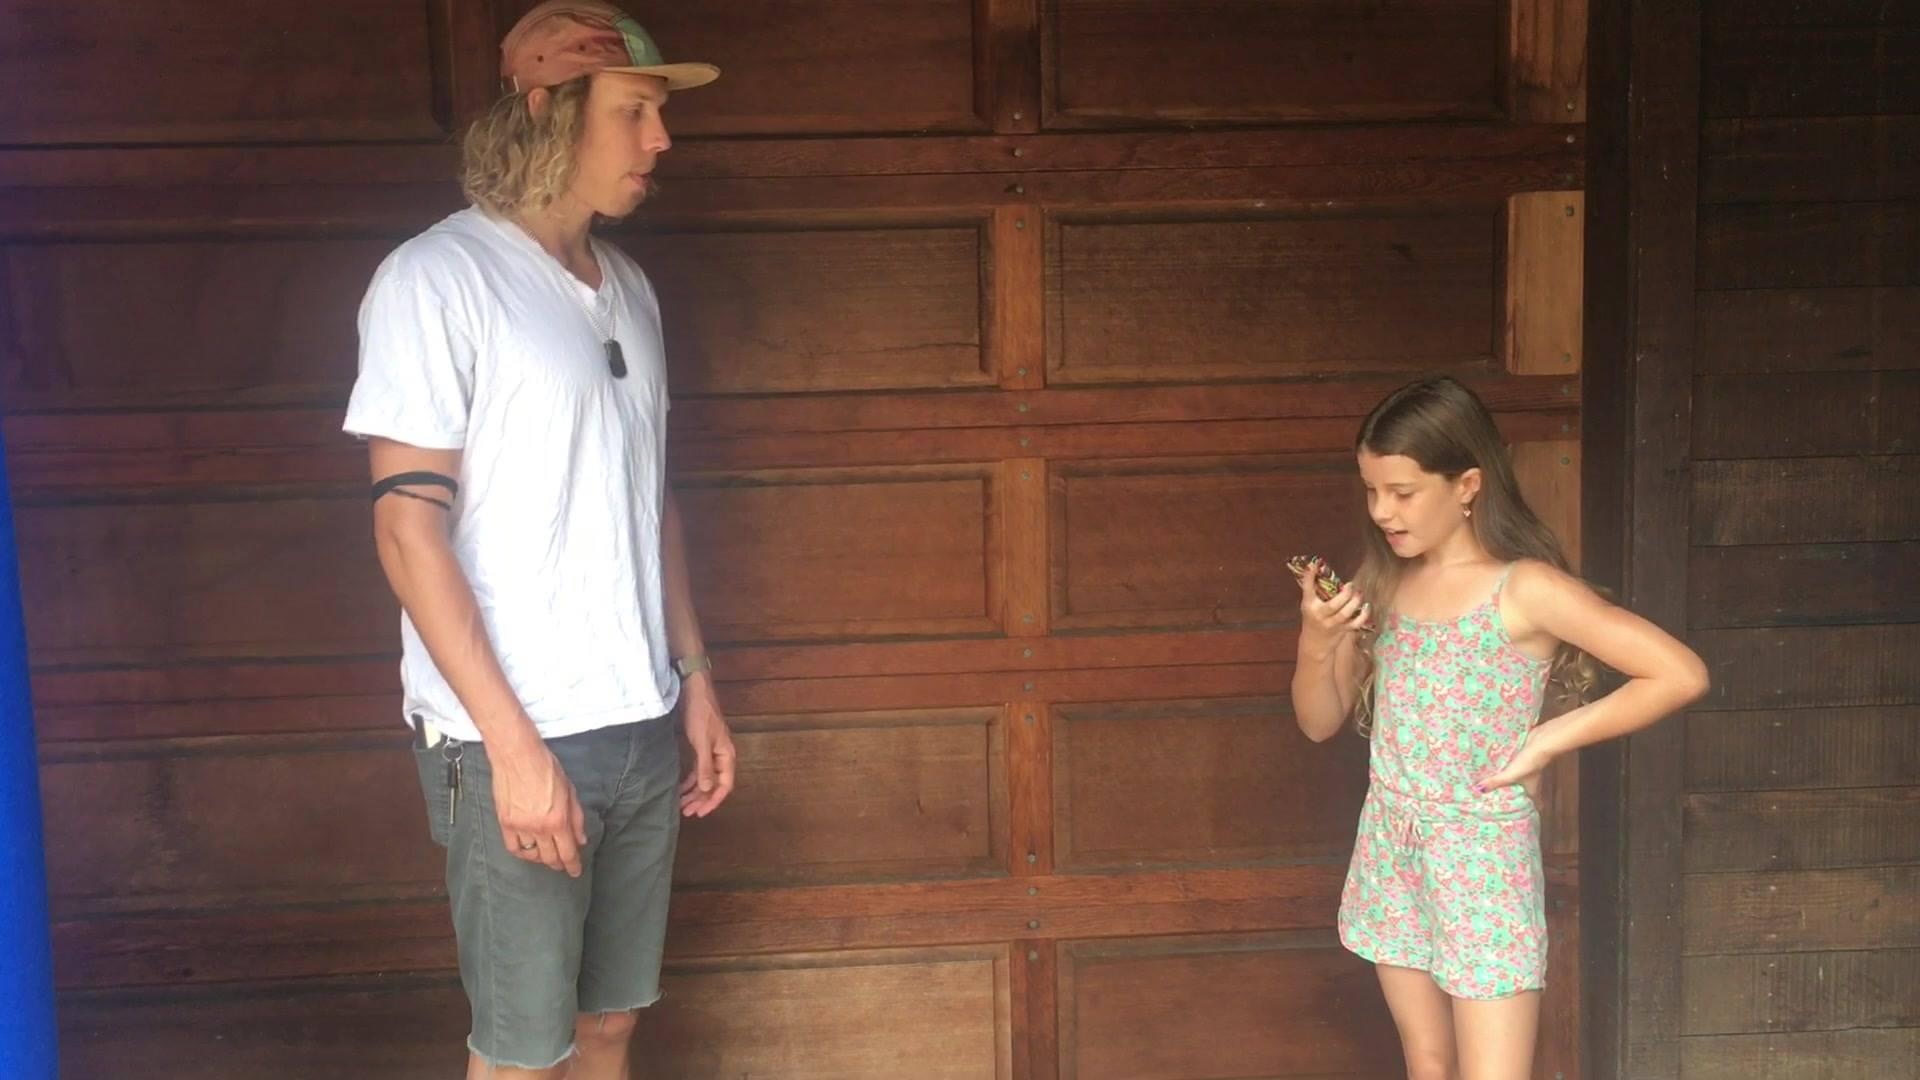 Für einen Englisch-Auftrag hat Siena einen Surfer angesprochen und mit ihm ein Interview geführt.  Toll gemacht und echt mutig!